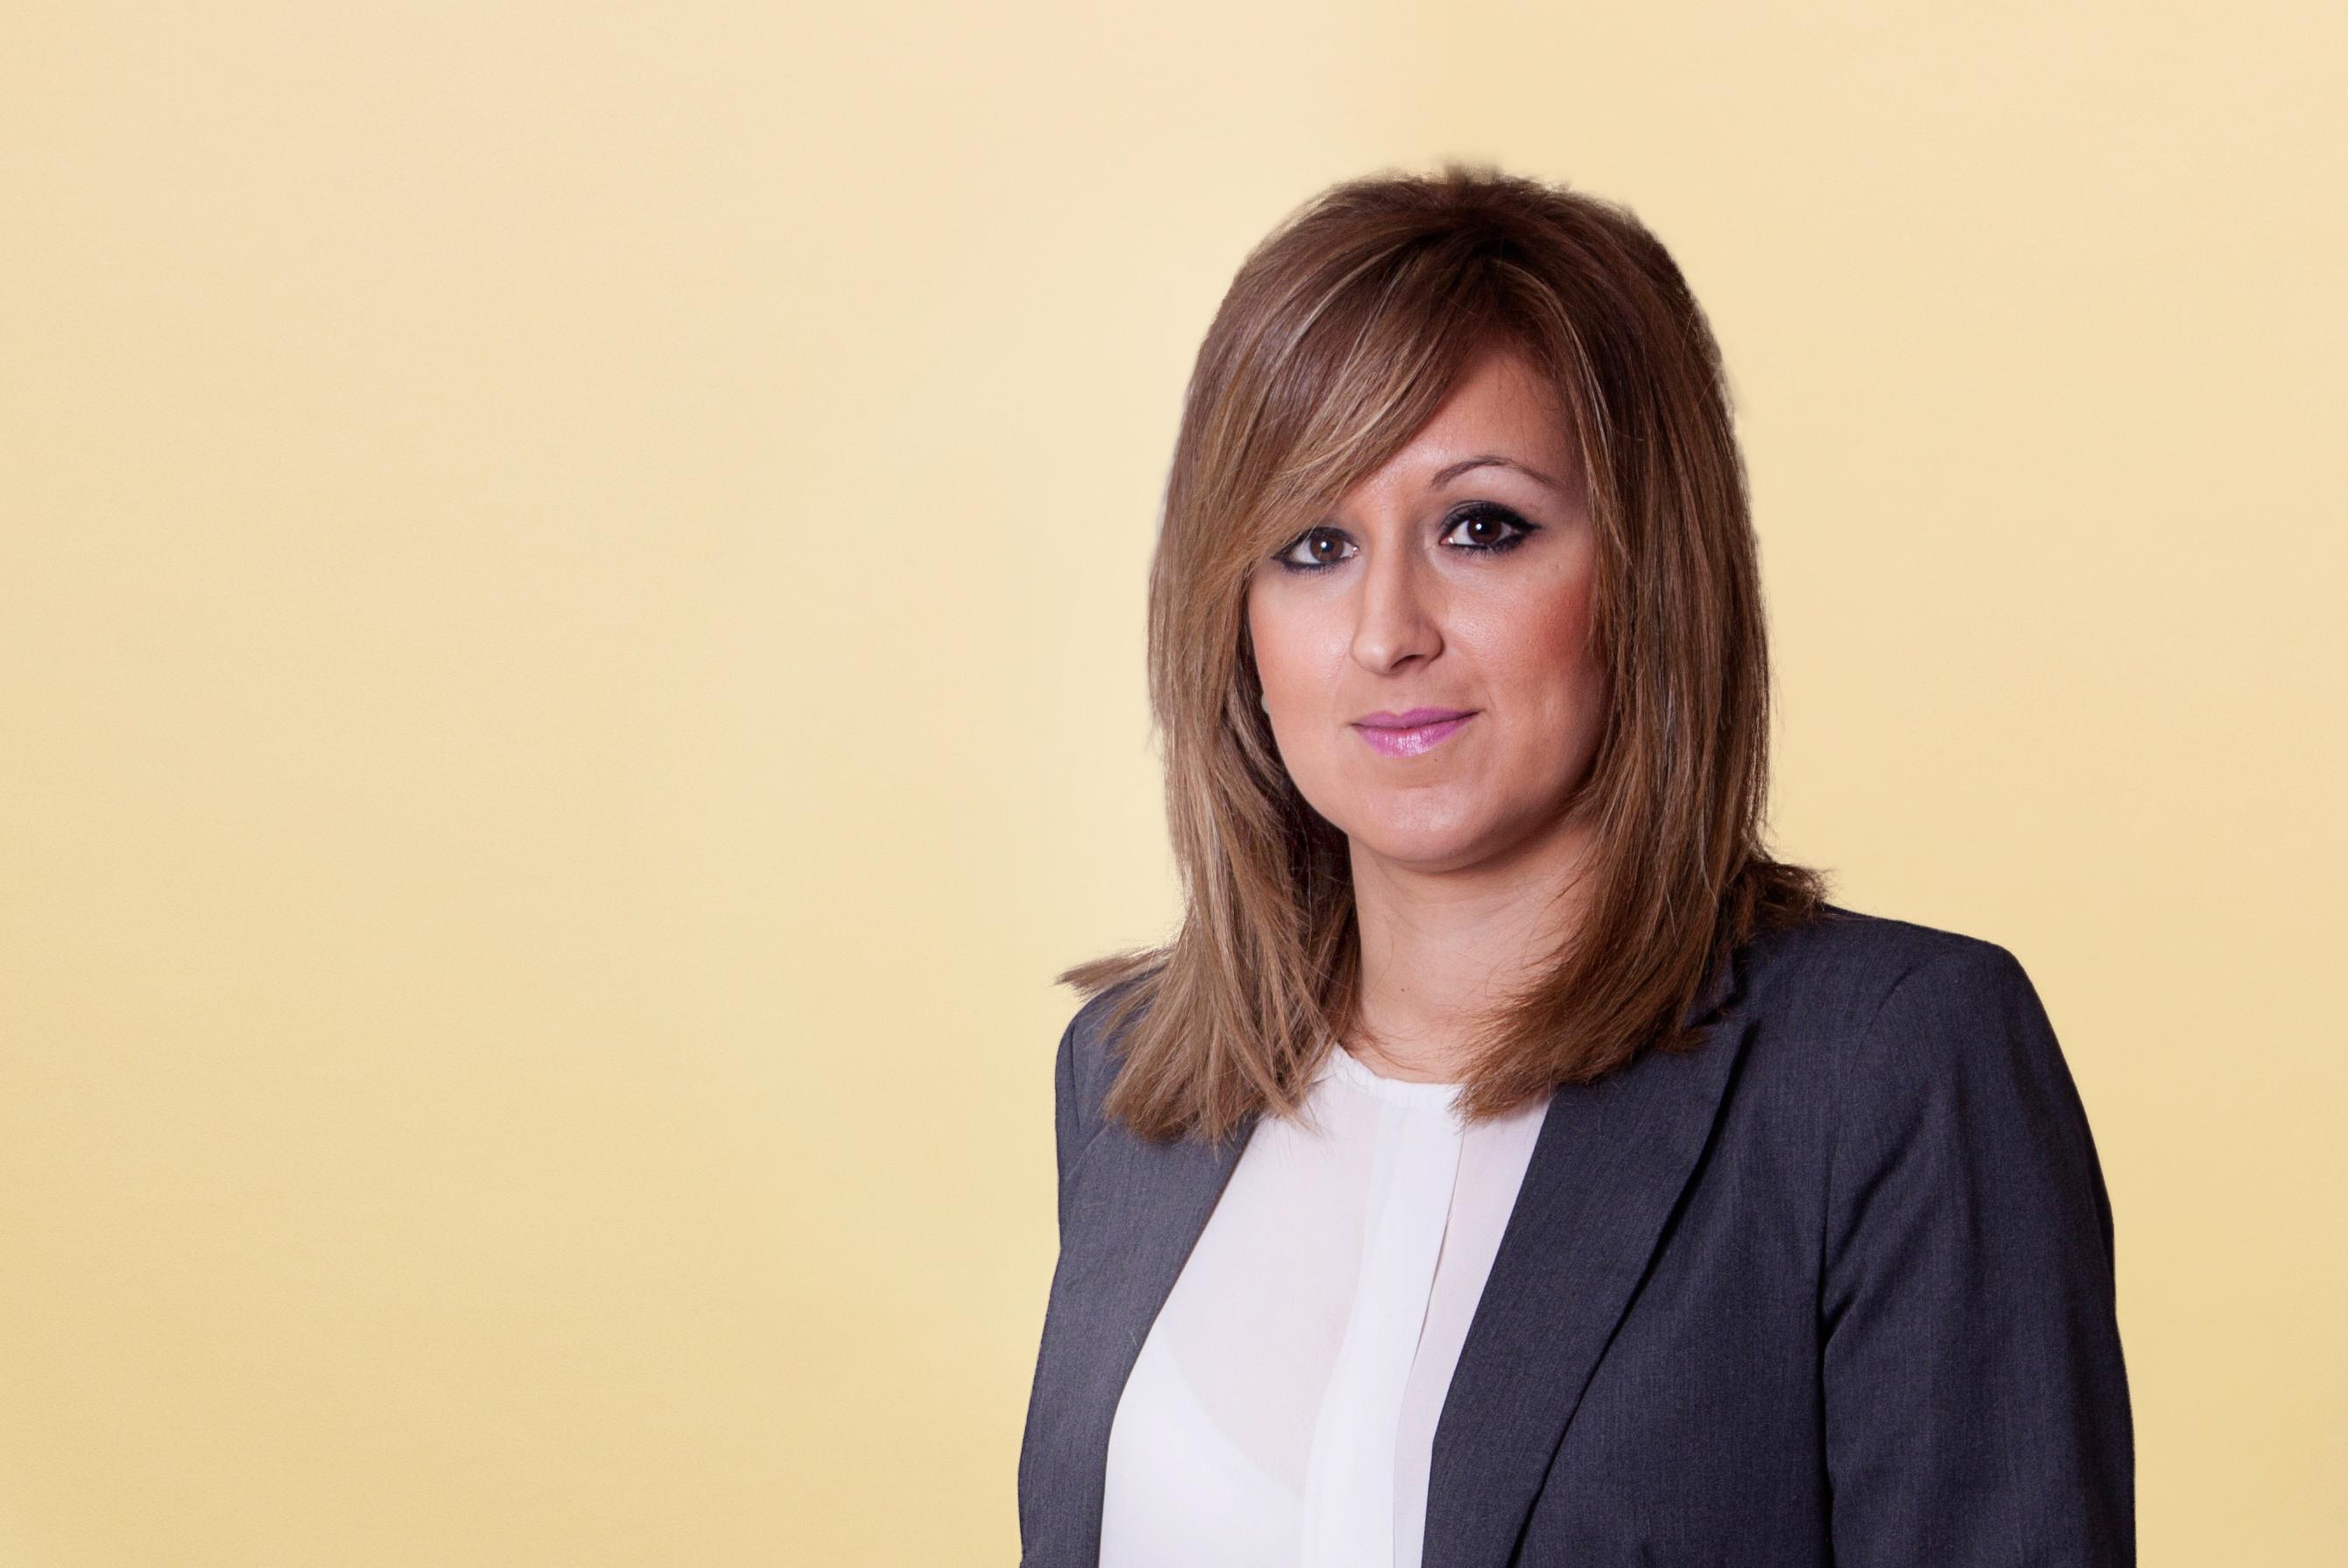 María Villacañas